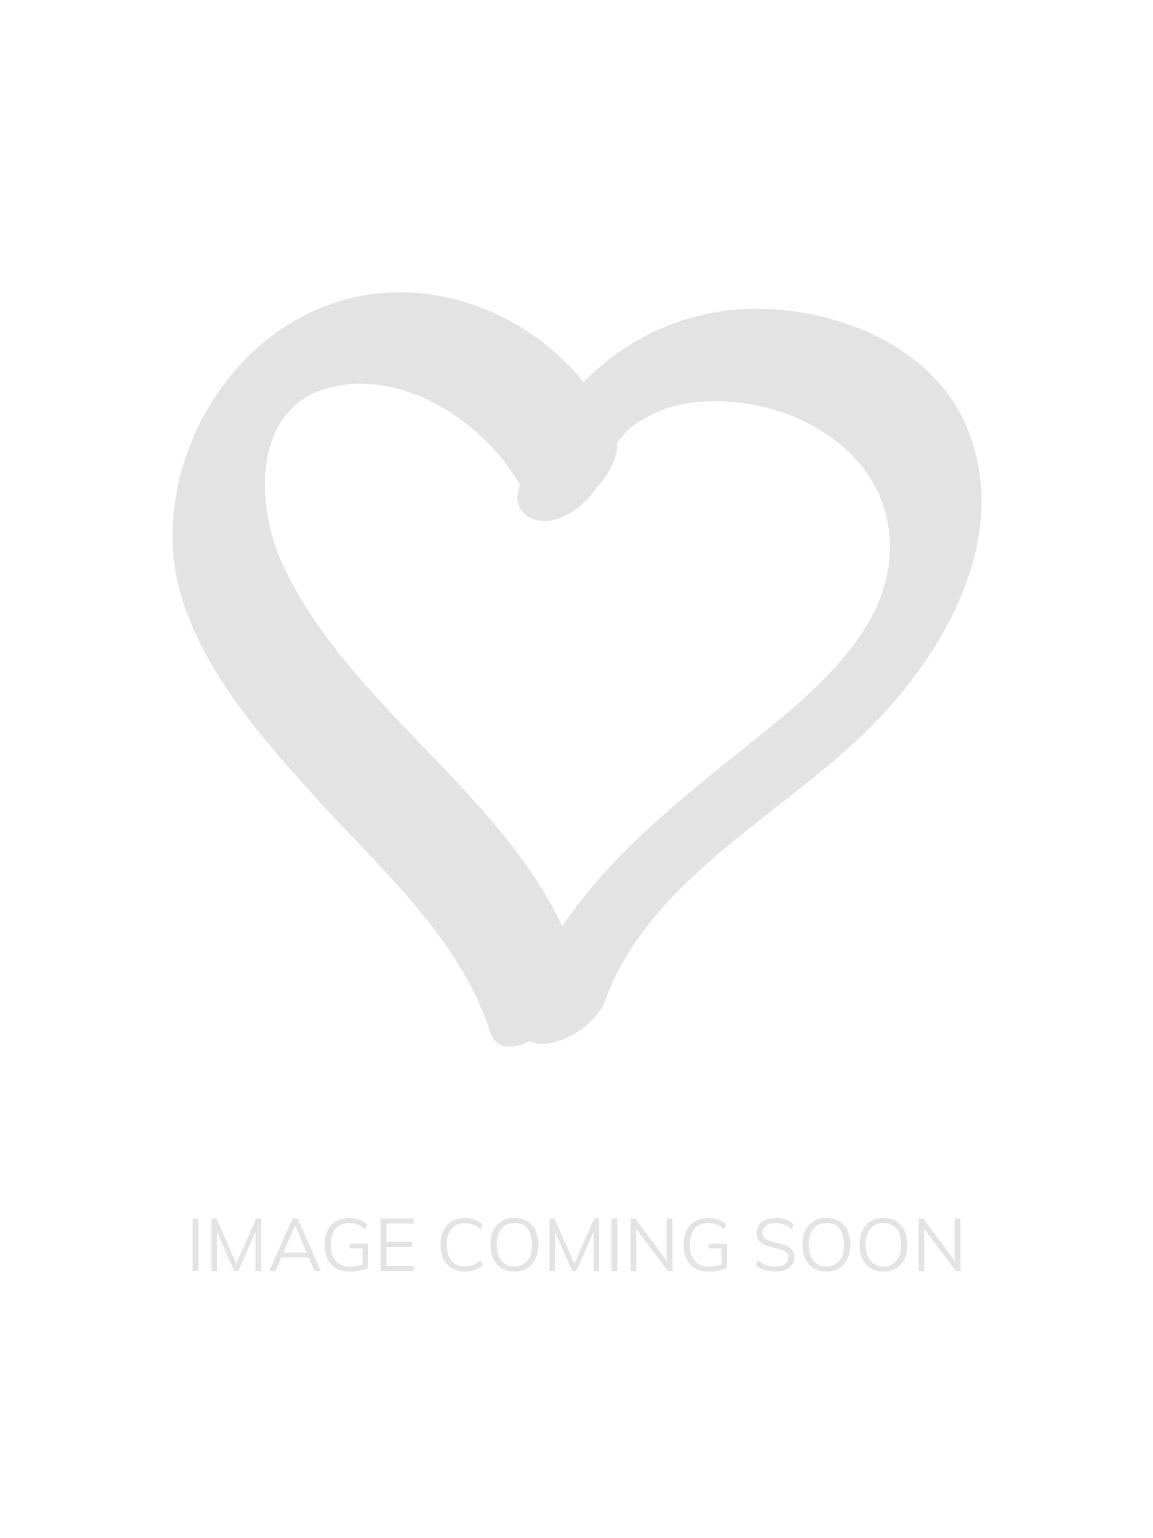 Huismoeder sex video